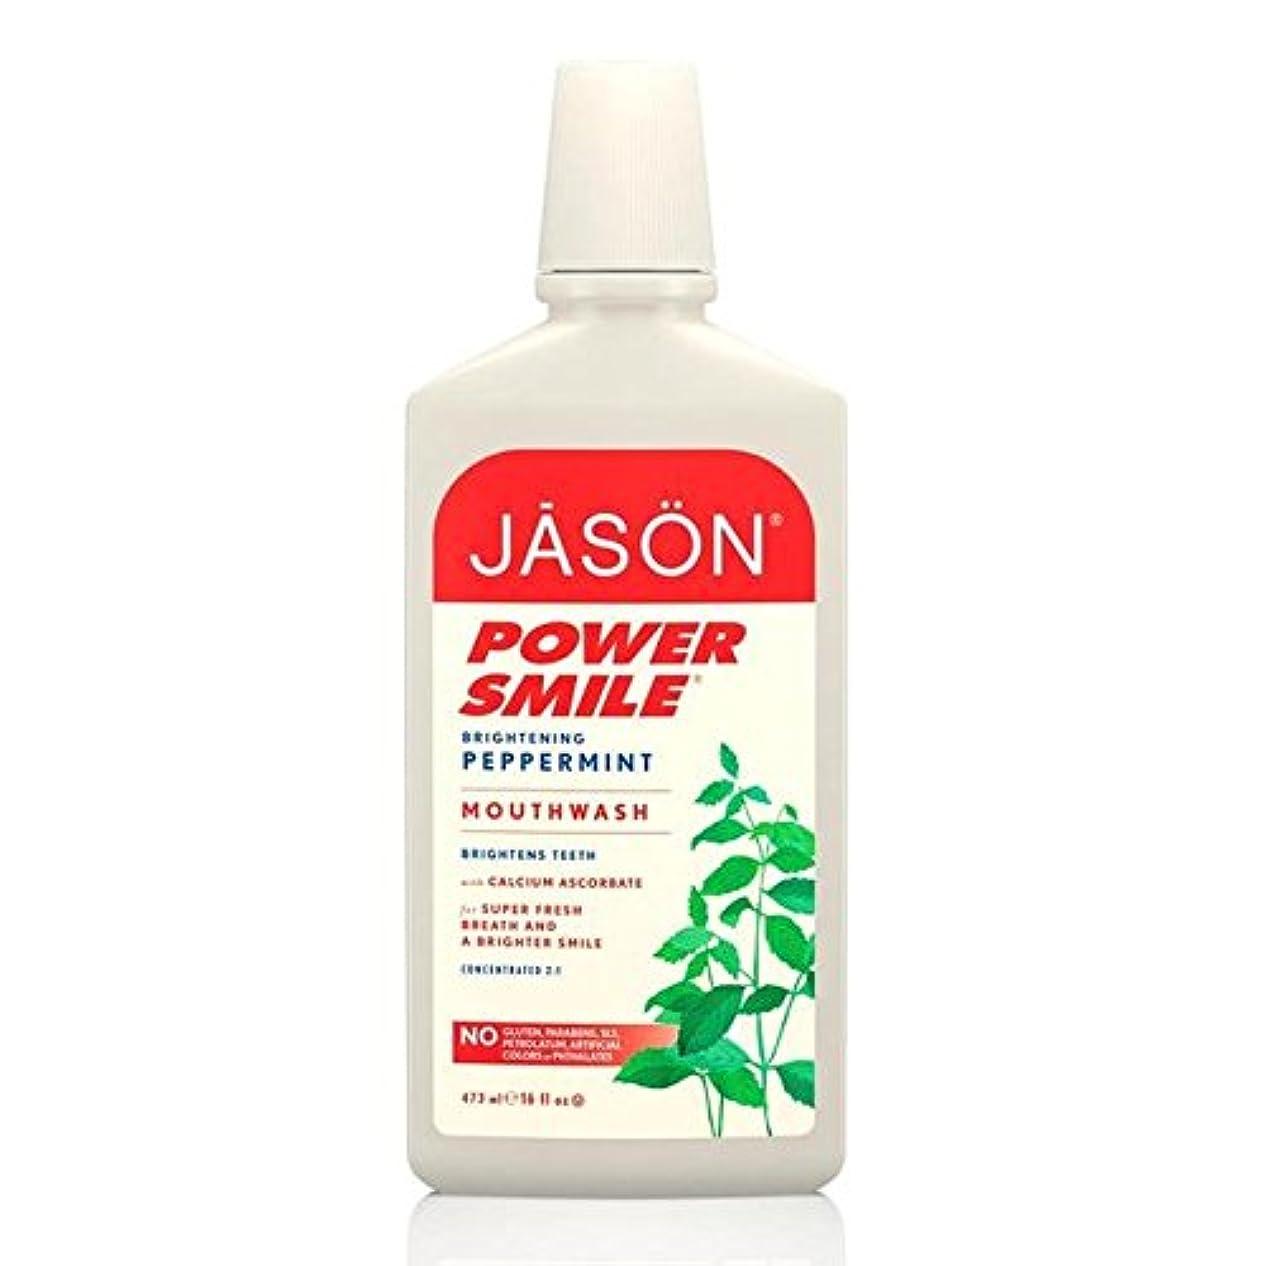 万一に備えてアシュリータファーマン記述するジェイソンマウスウォッシュ480ミリリットル x2 - Jason Powersmile Mouthwash 480ml (Pack of 2) [並行輸入品]